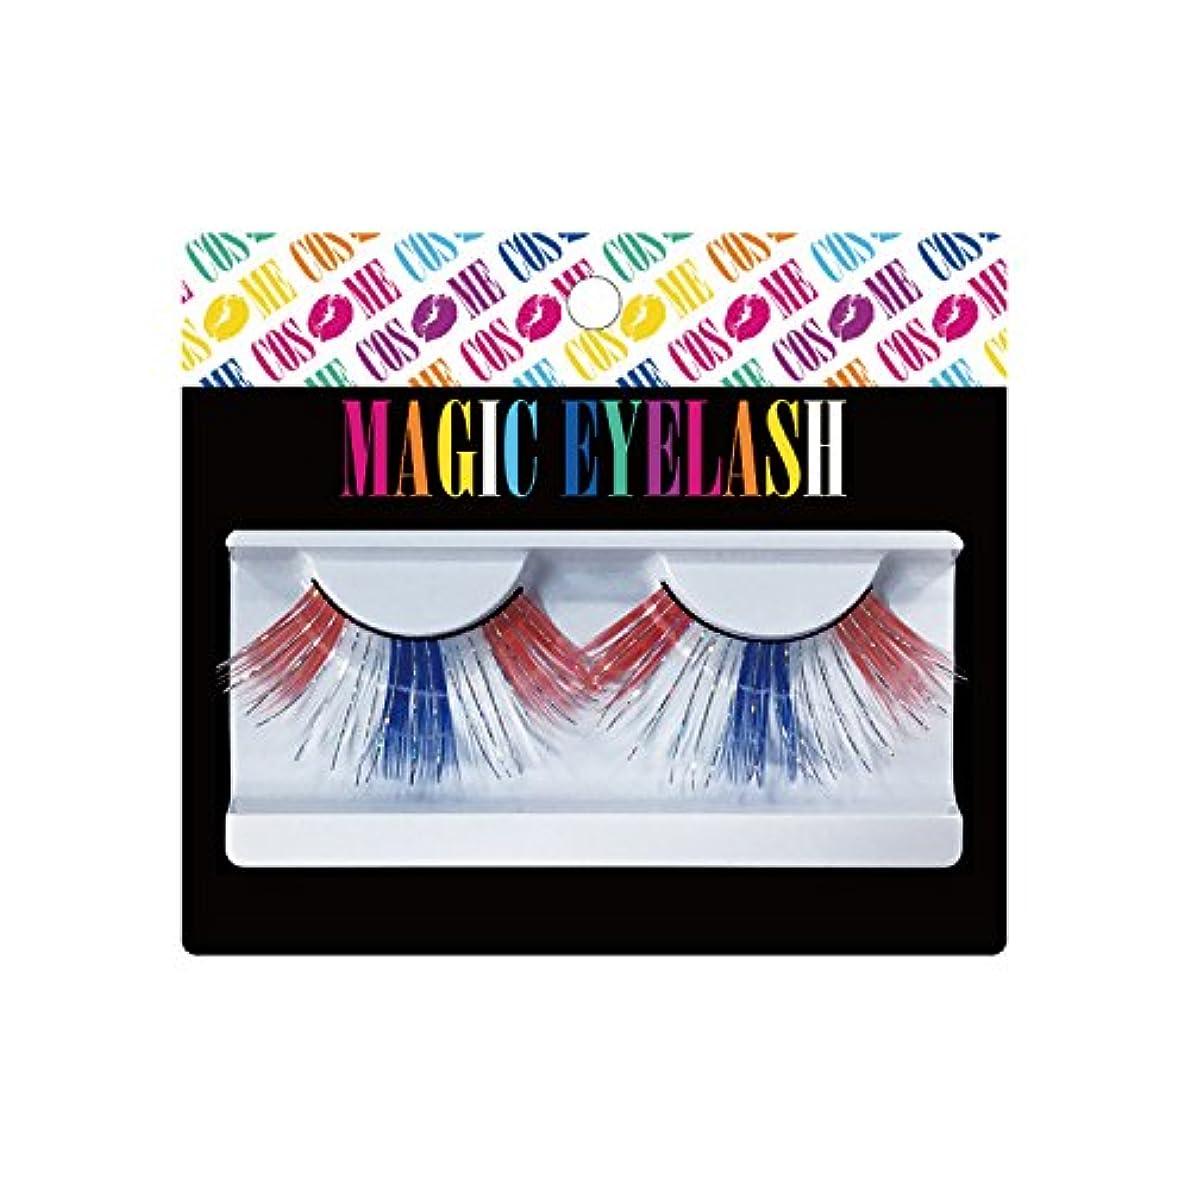 構造サイクロプス専門知識ピュア つけまつげ MAGIC EYELASH マジック アイラッシュ #28